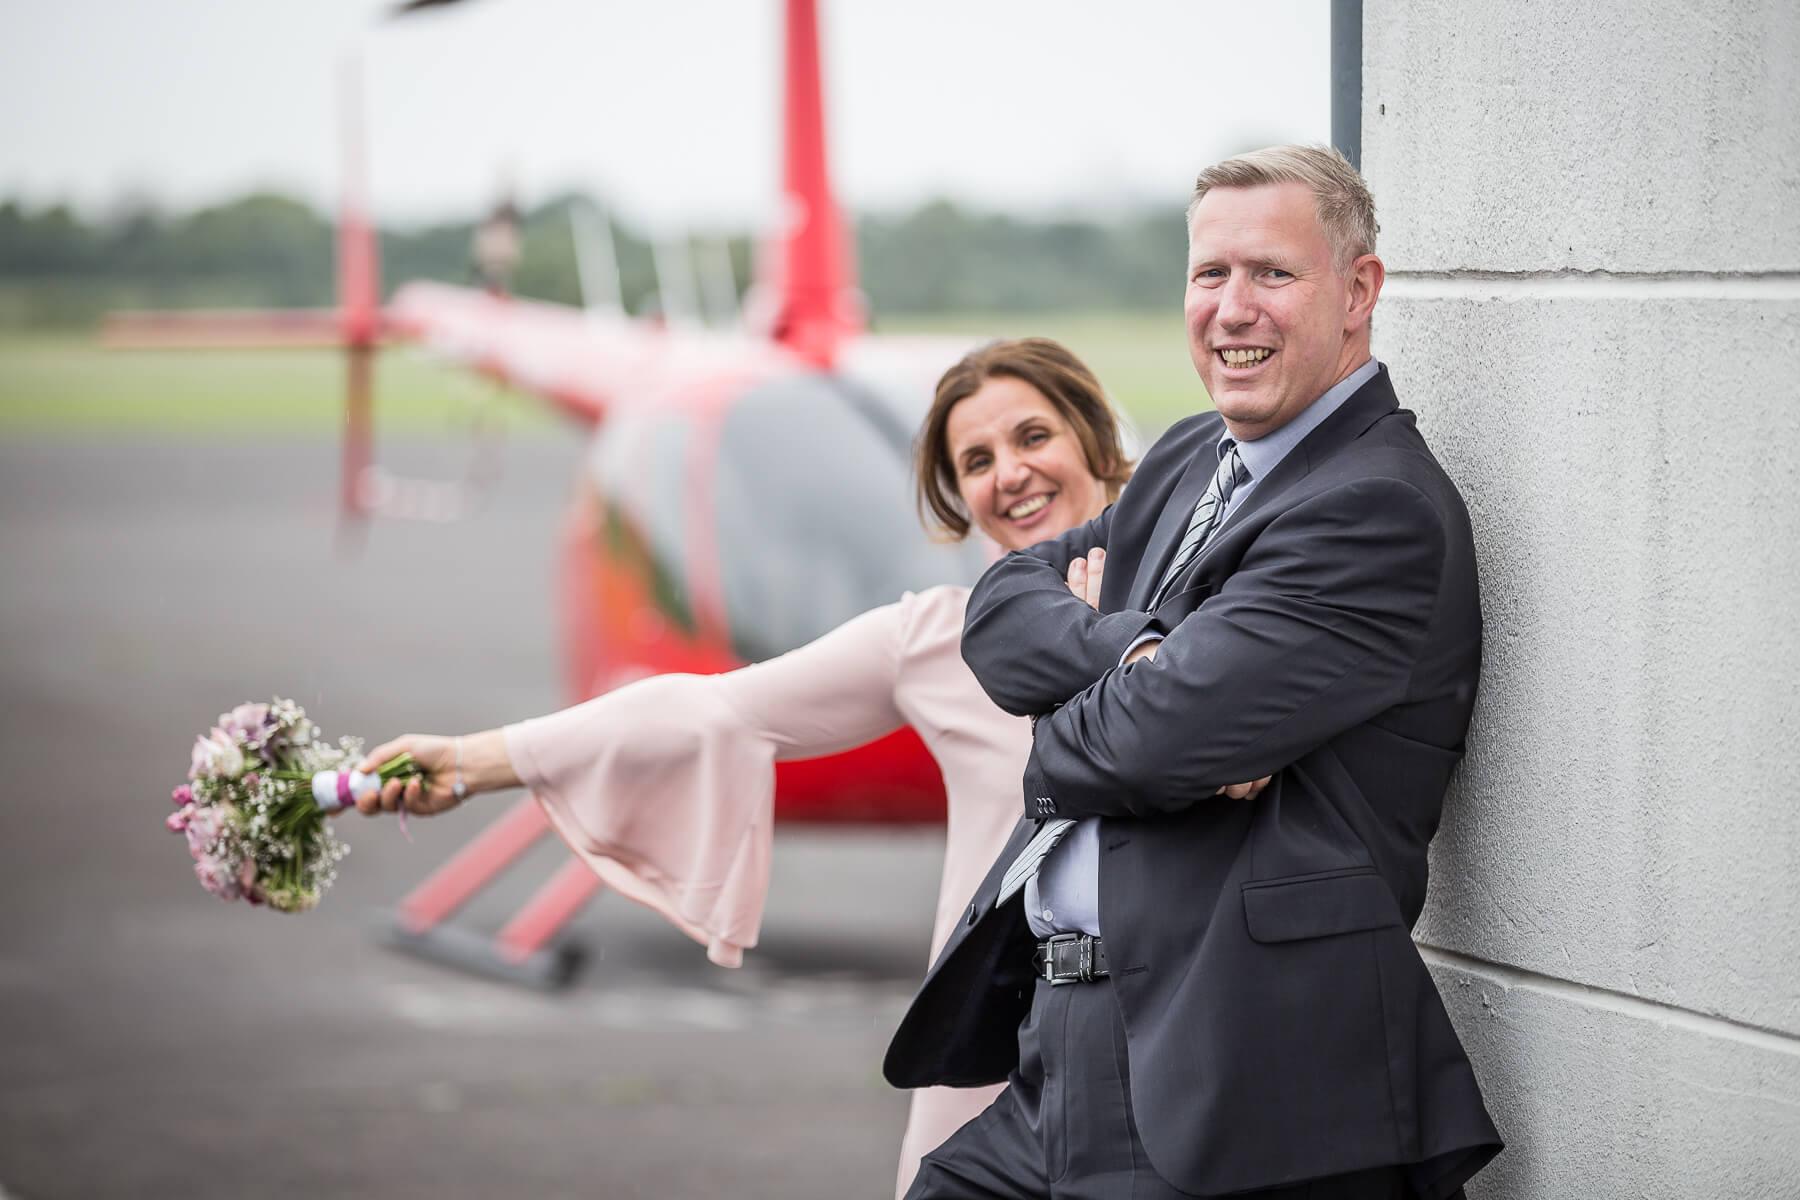 Hochzeitsreportage  Fotograf  Lufthochzeit im Hubschrauber  Hangelar 04